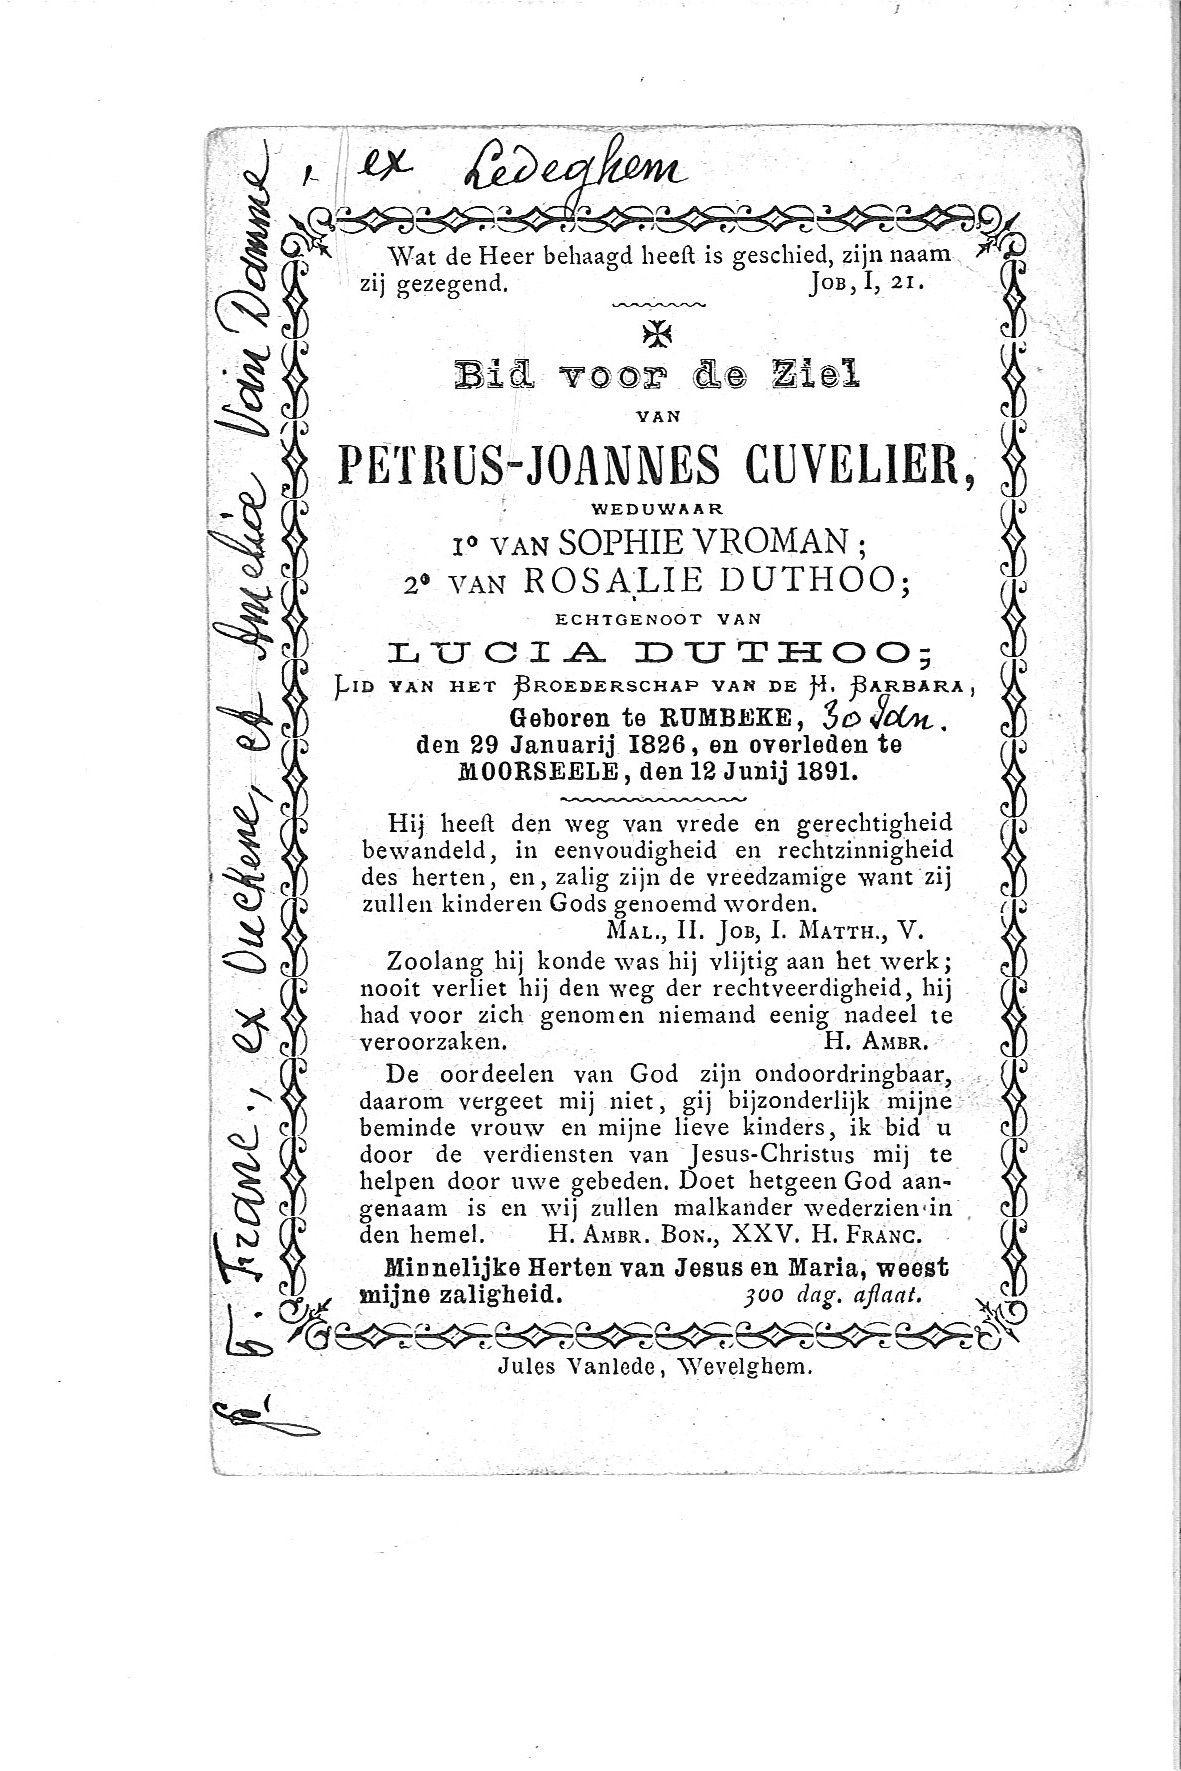 Petrus-Joannes(1891)20090916171417_00054.jpg